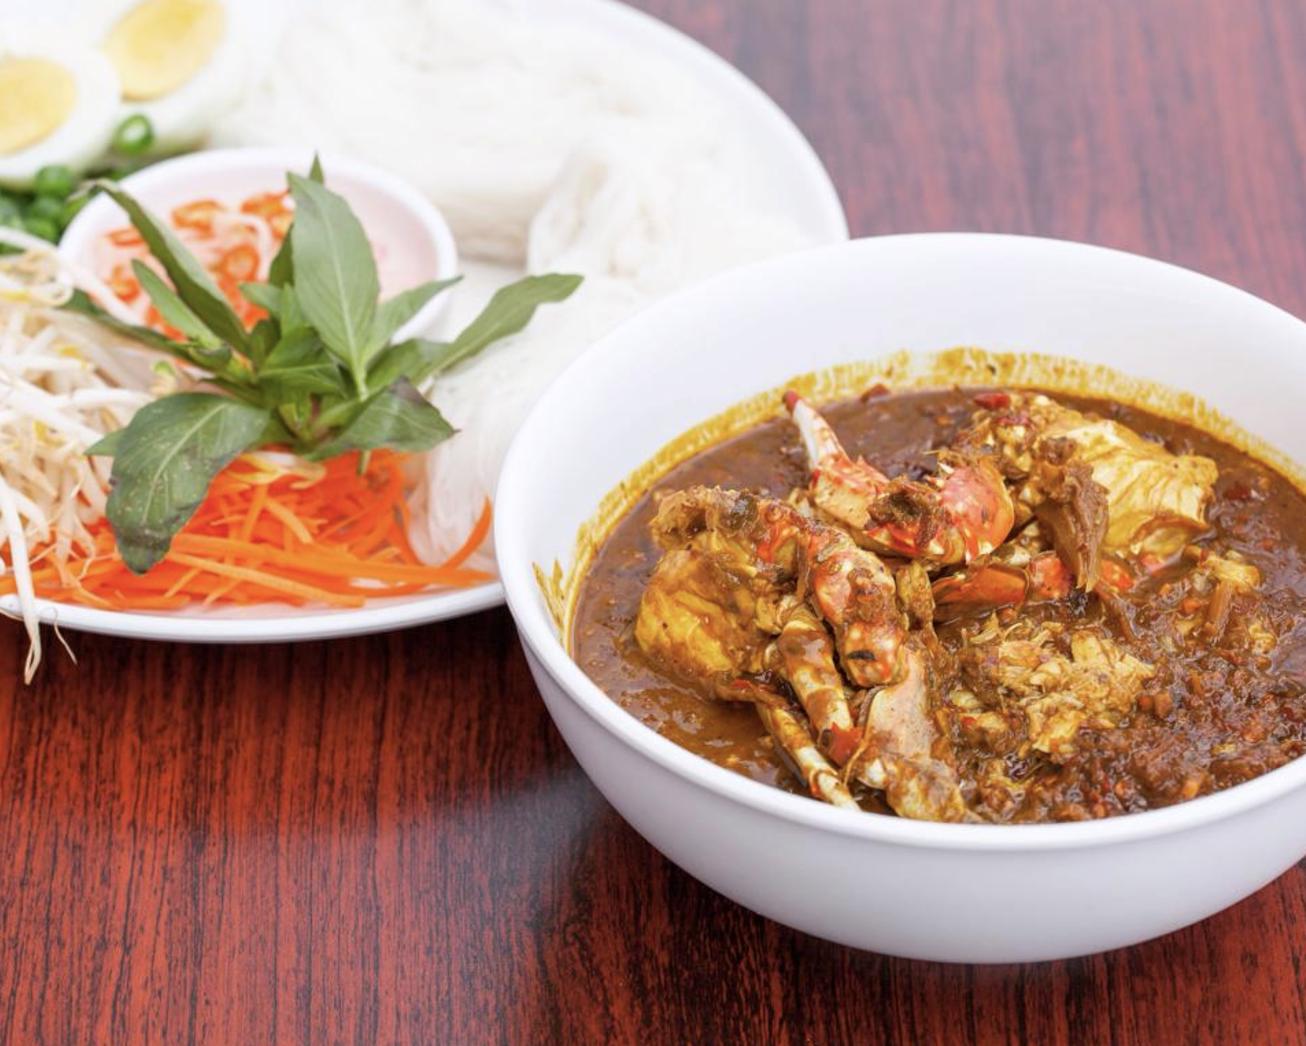 Phuket-Style Crab Curry Kanomjean at Luv2Eat Thai Bistro